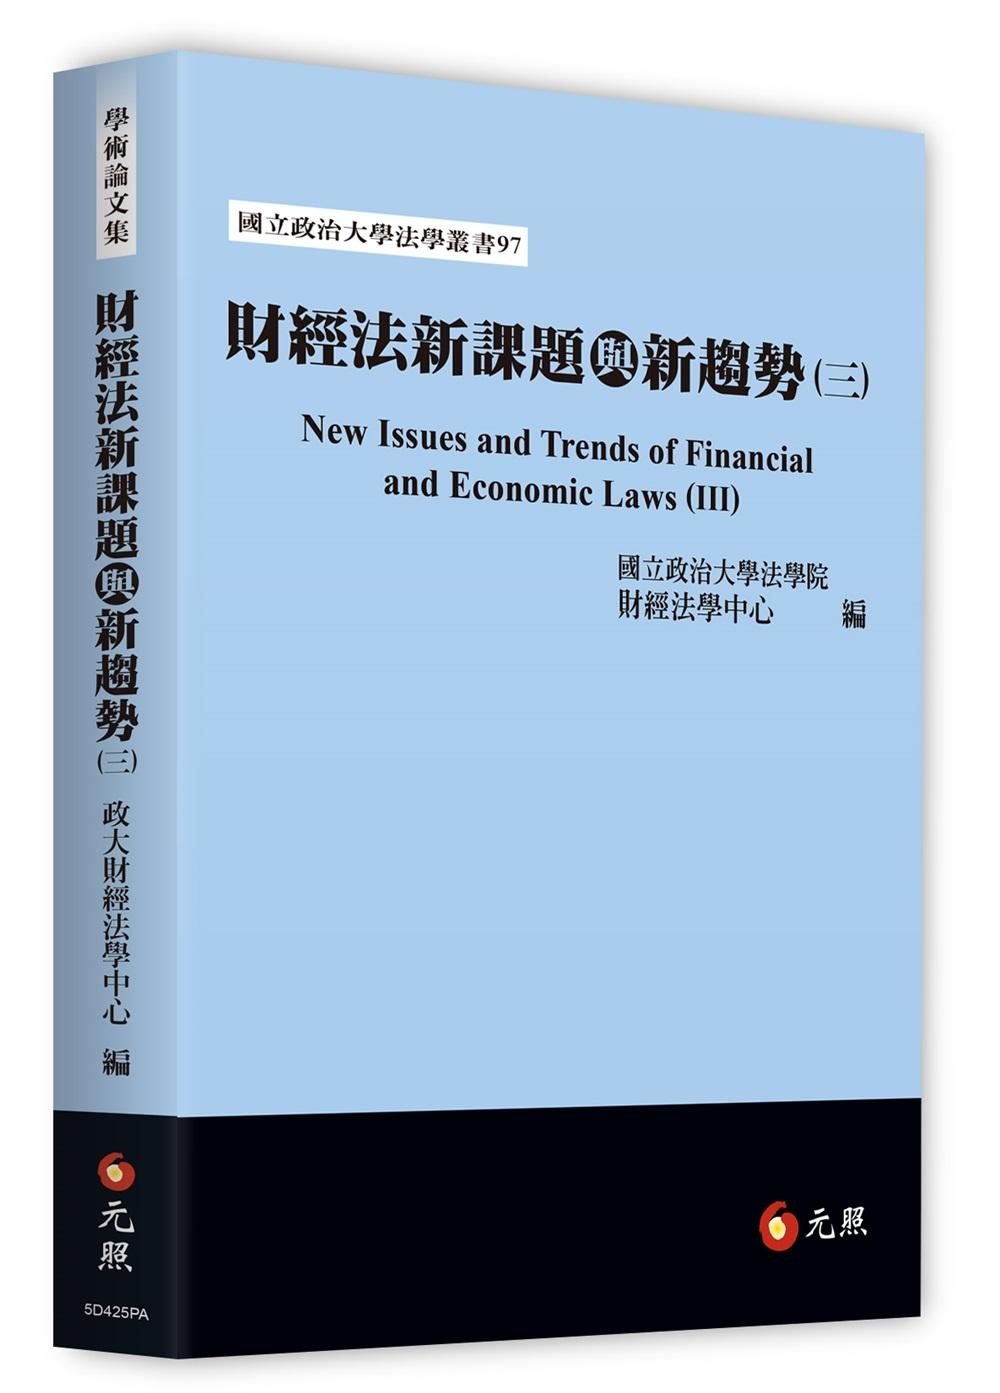 財經法新課題與新趨勢(三)